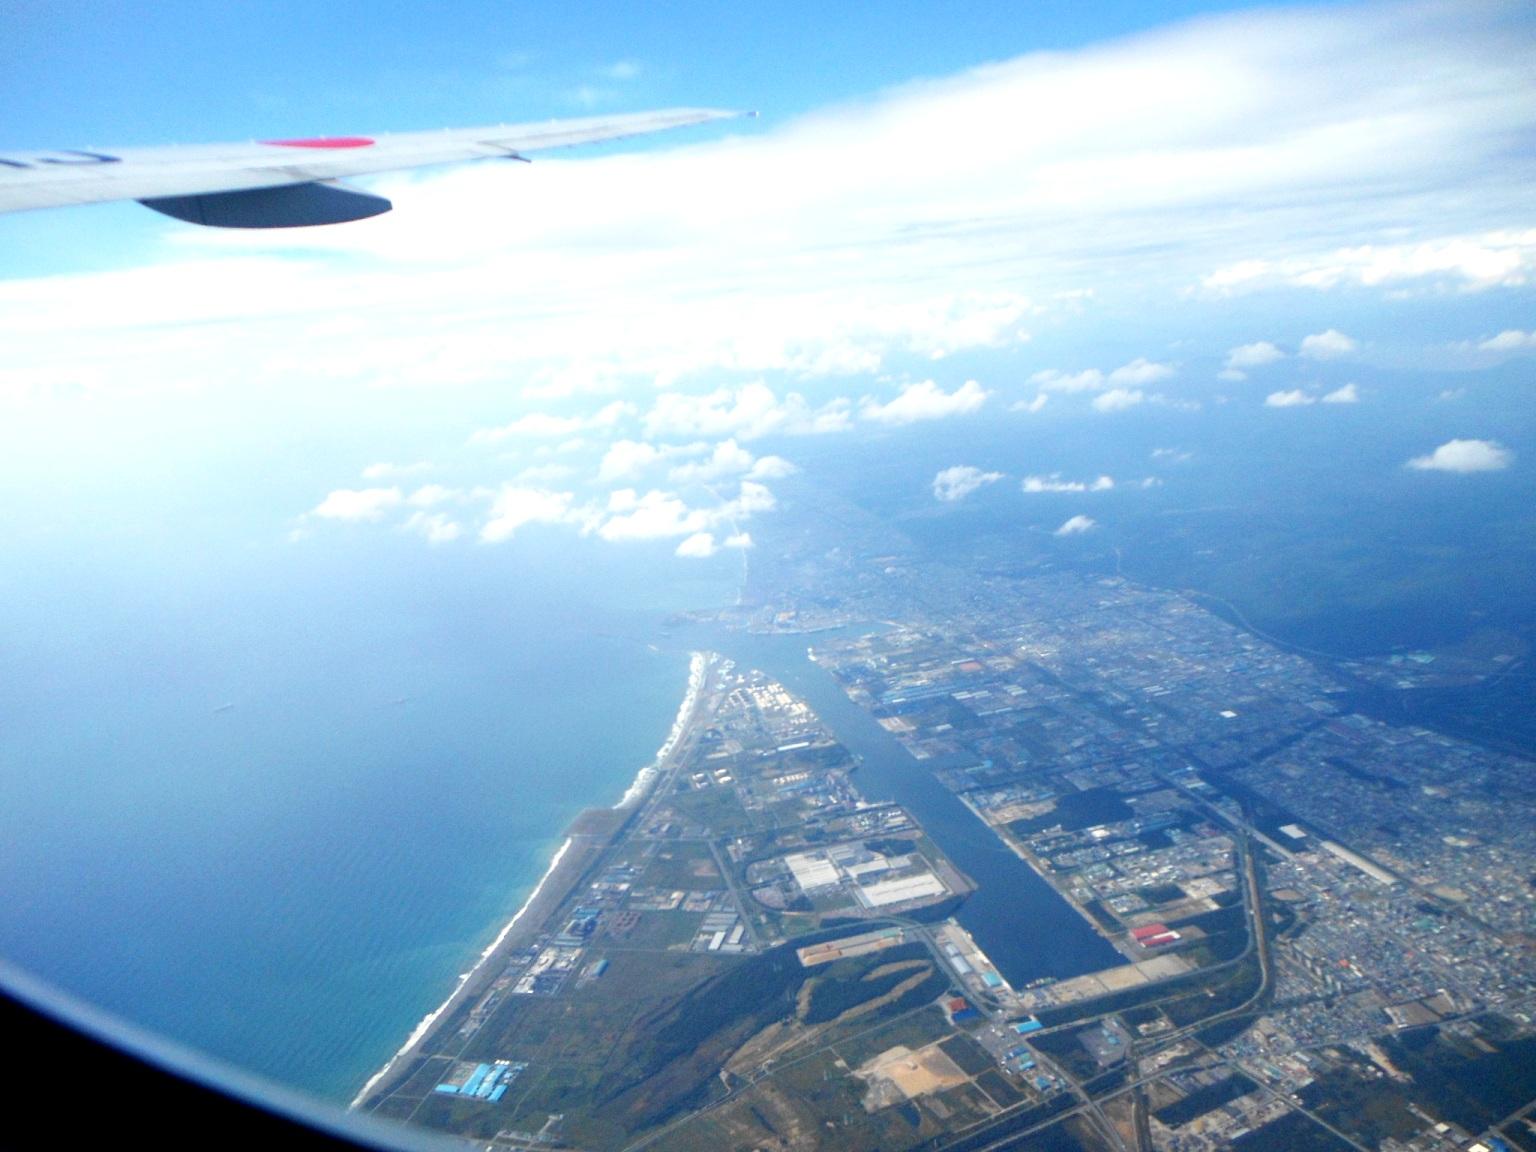 1823) ①「金沢3泊4日旅行 『飛行機からの眺め』」_f0126829_723073.jpg